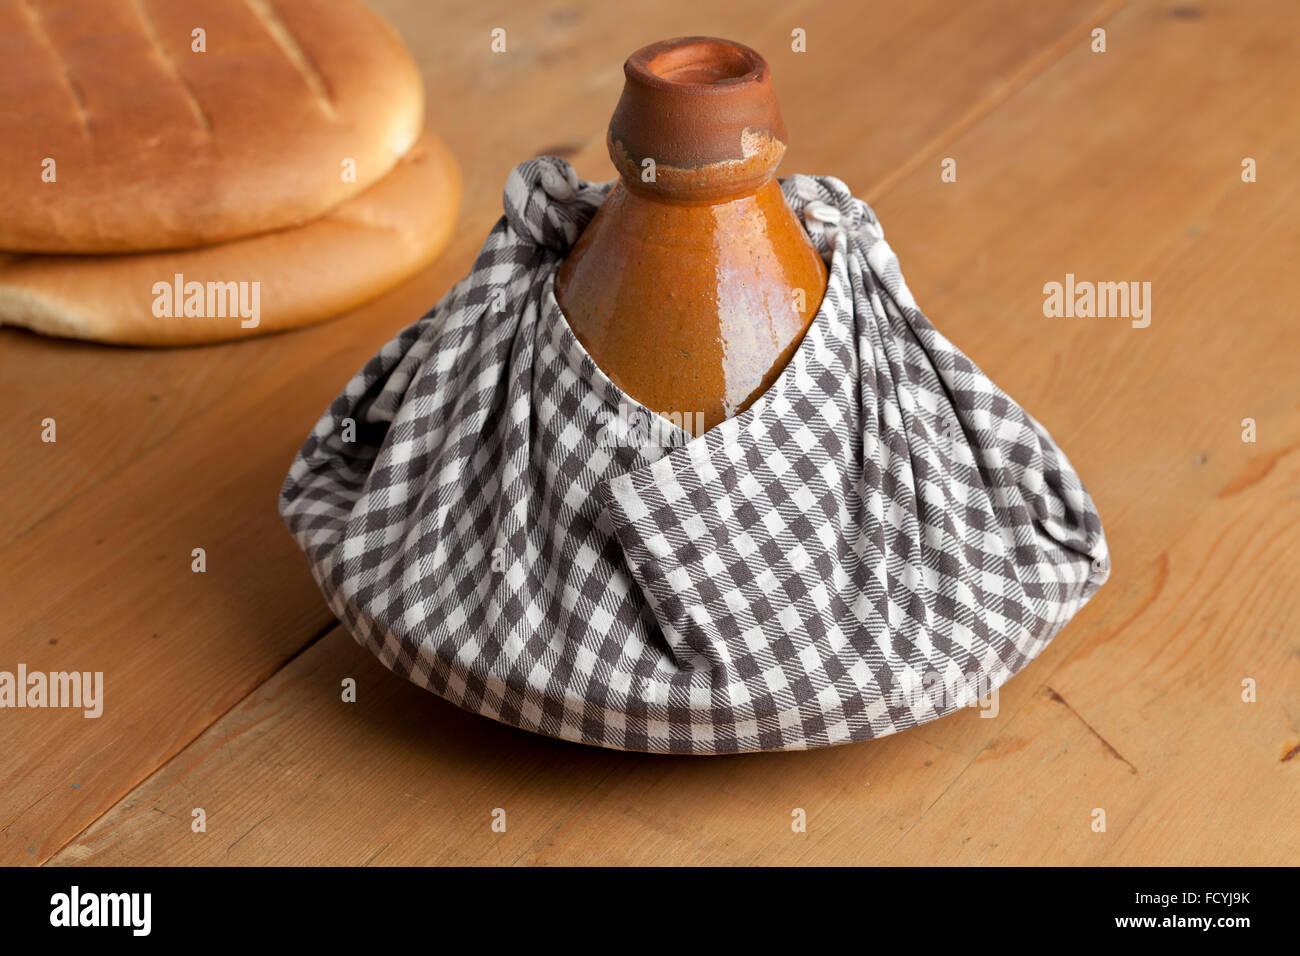 Tagine marroquí tradicional envuelto en un trozo de tela como un don y a mantenerlo caliente Imagen De Stock